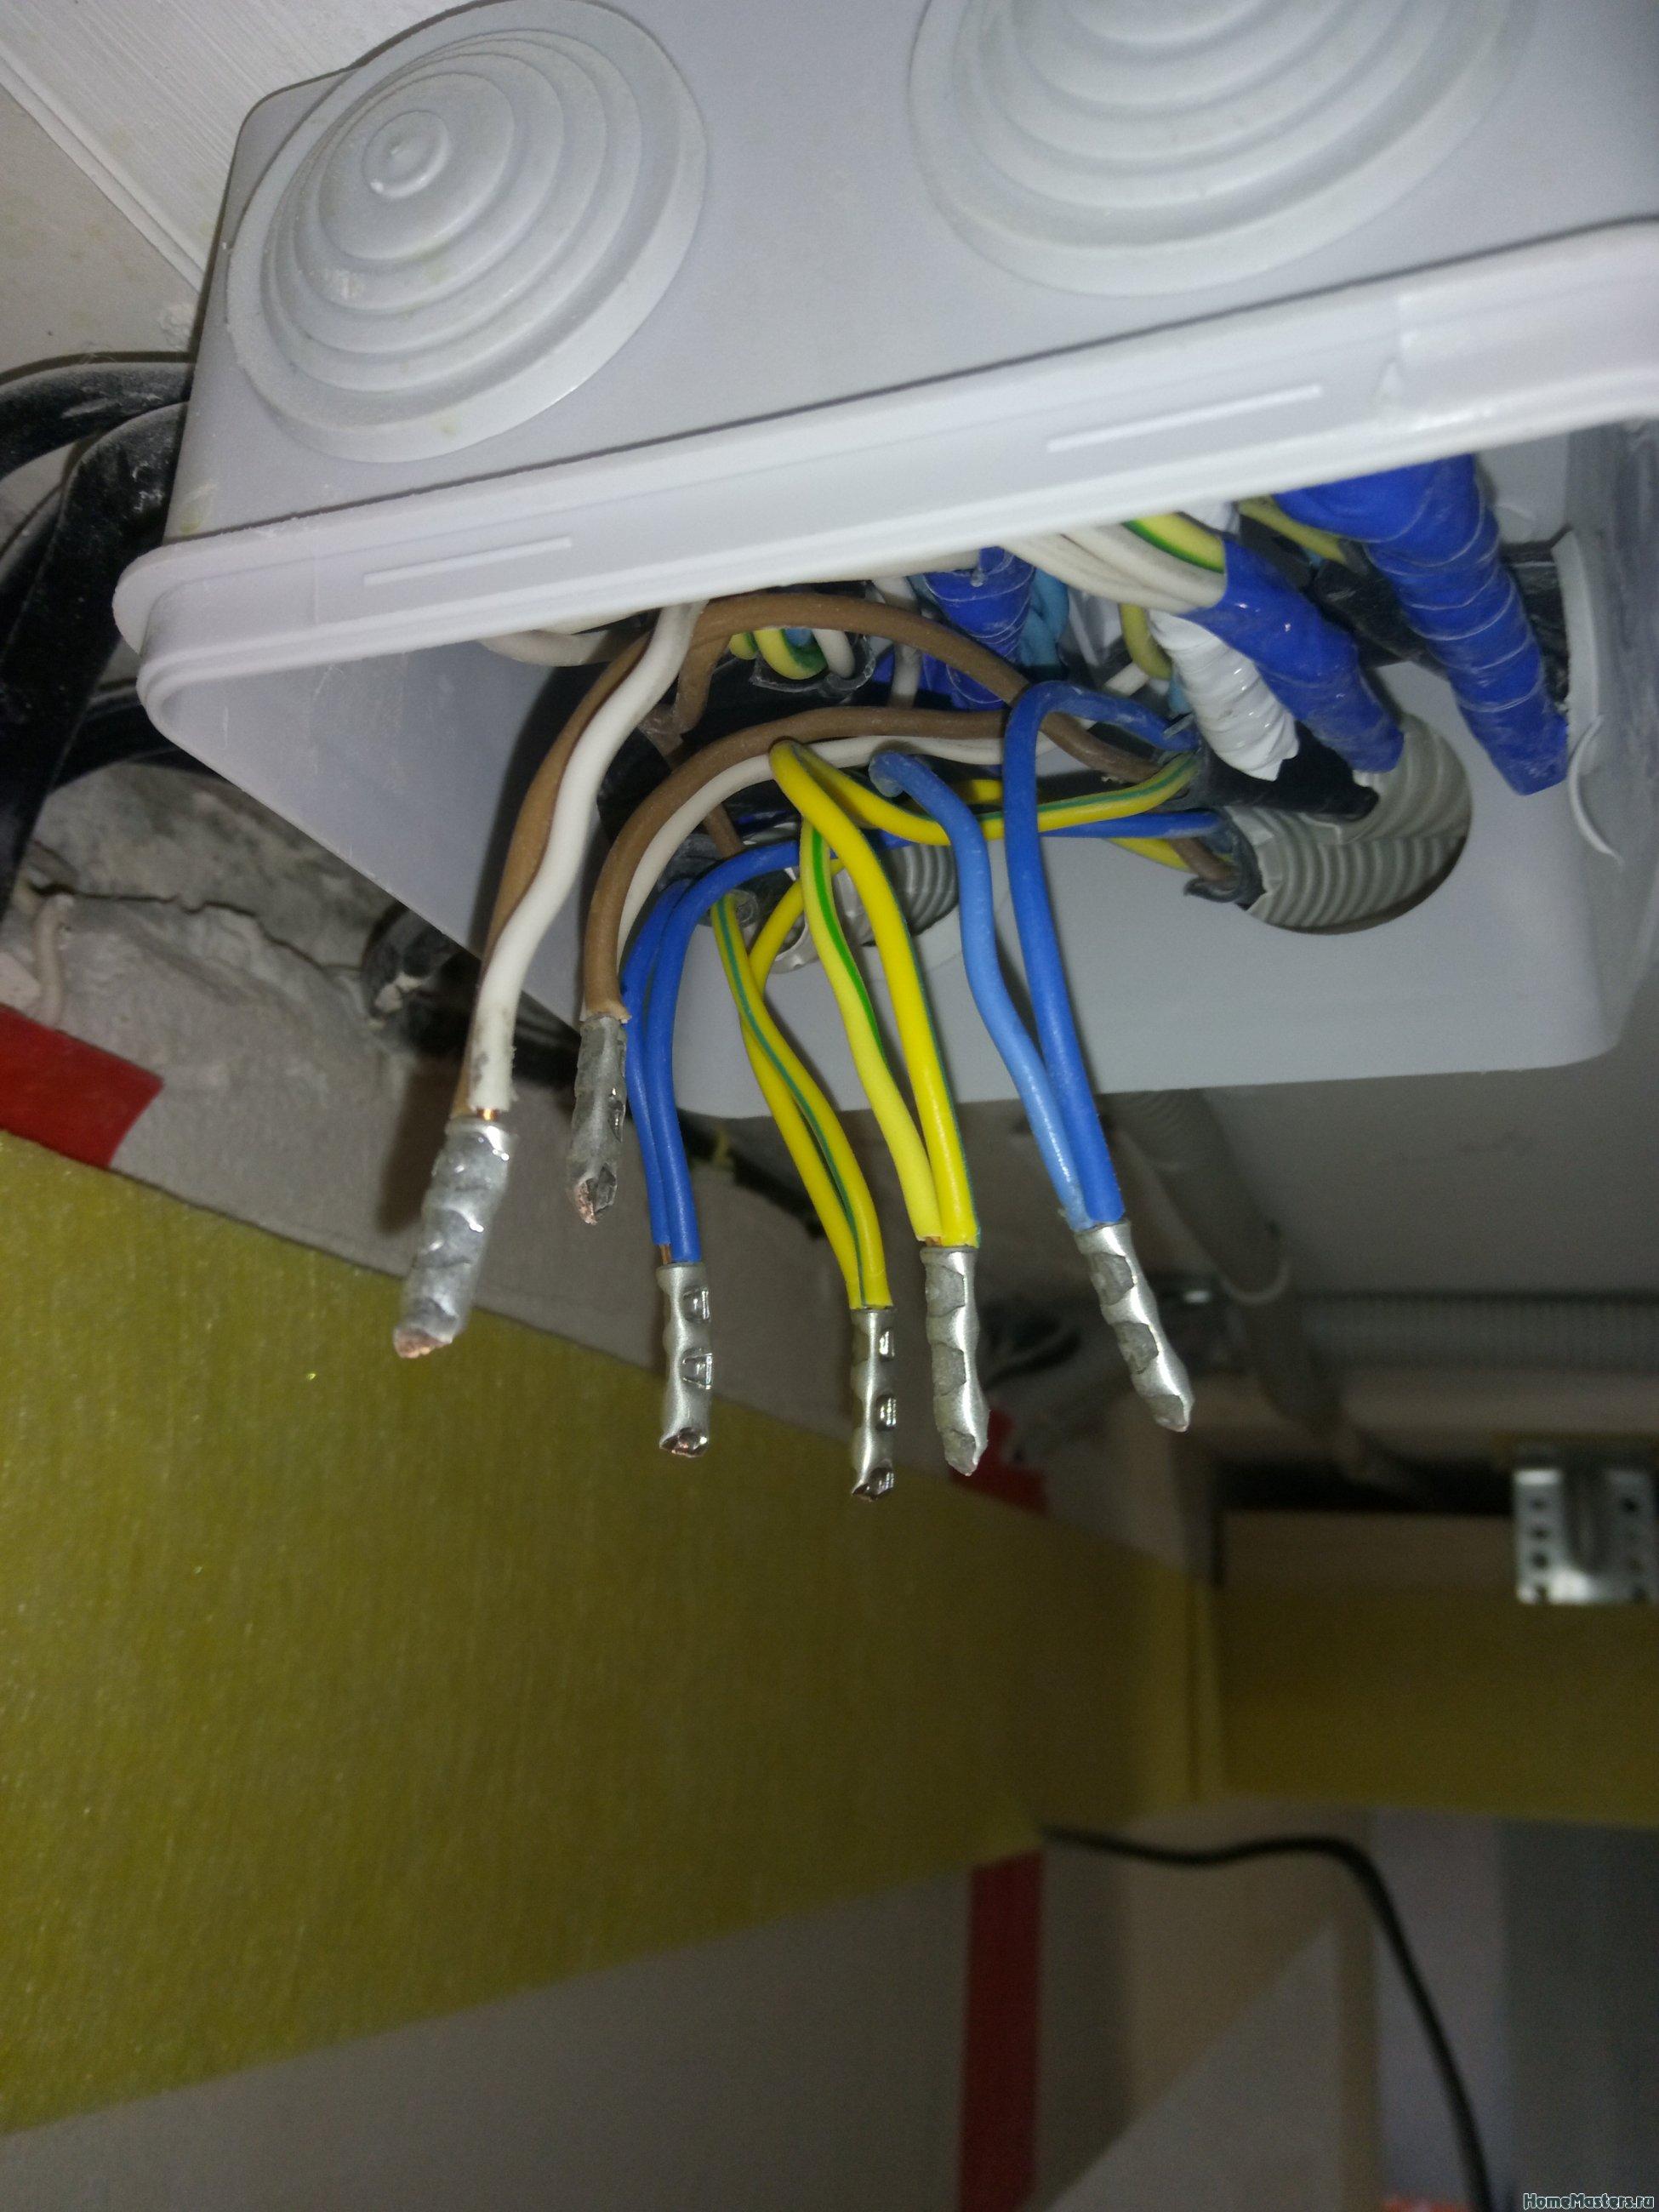 Предыдущие электрики не очень правильно собрали распред-коробку, пришлось перебирать. Соединения собраны на не разборные гильзы ГМЛ.